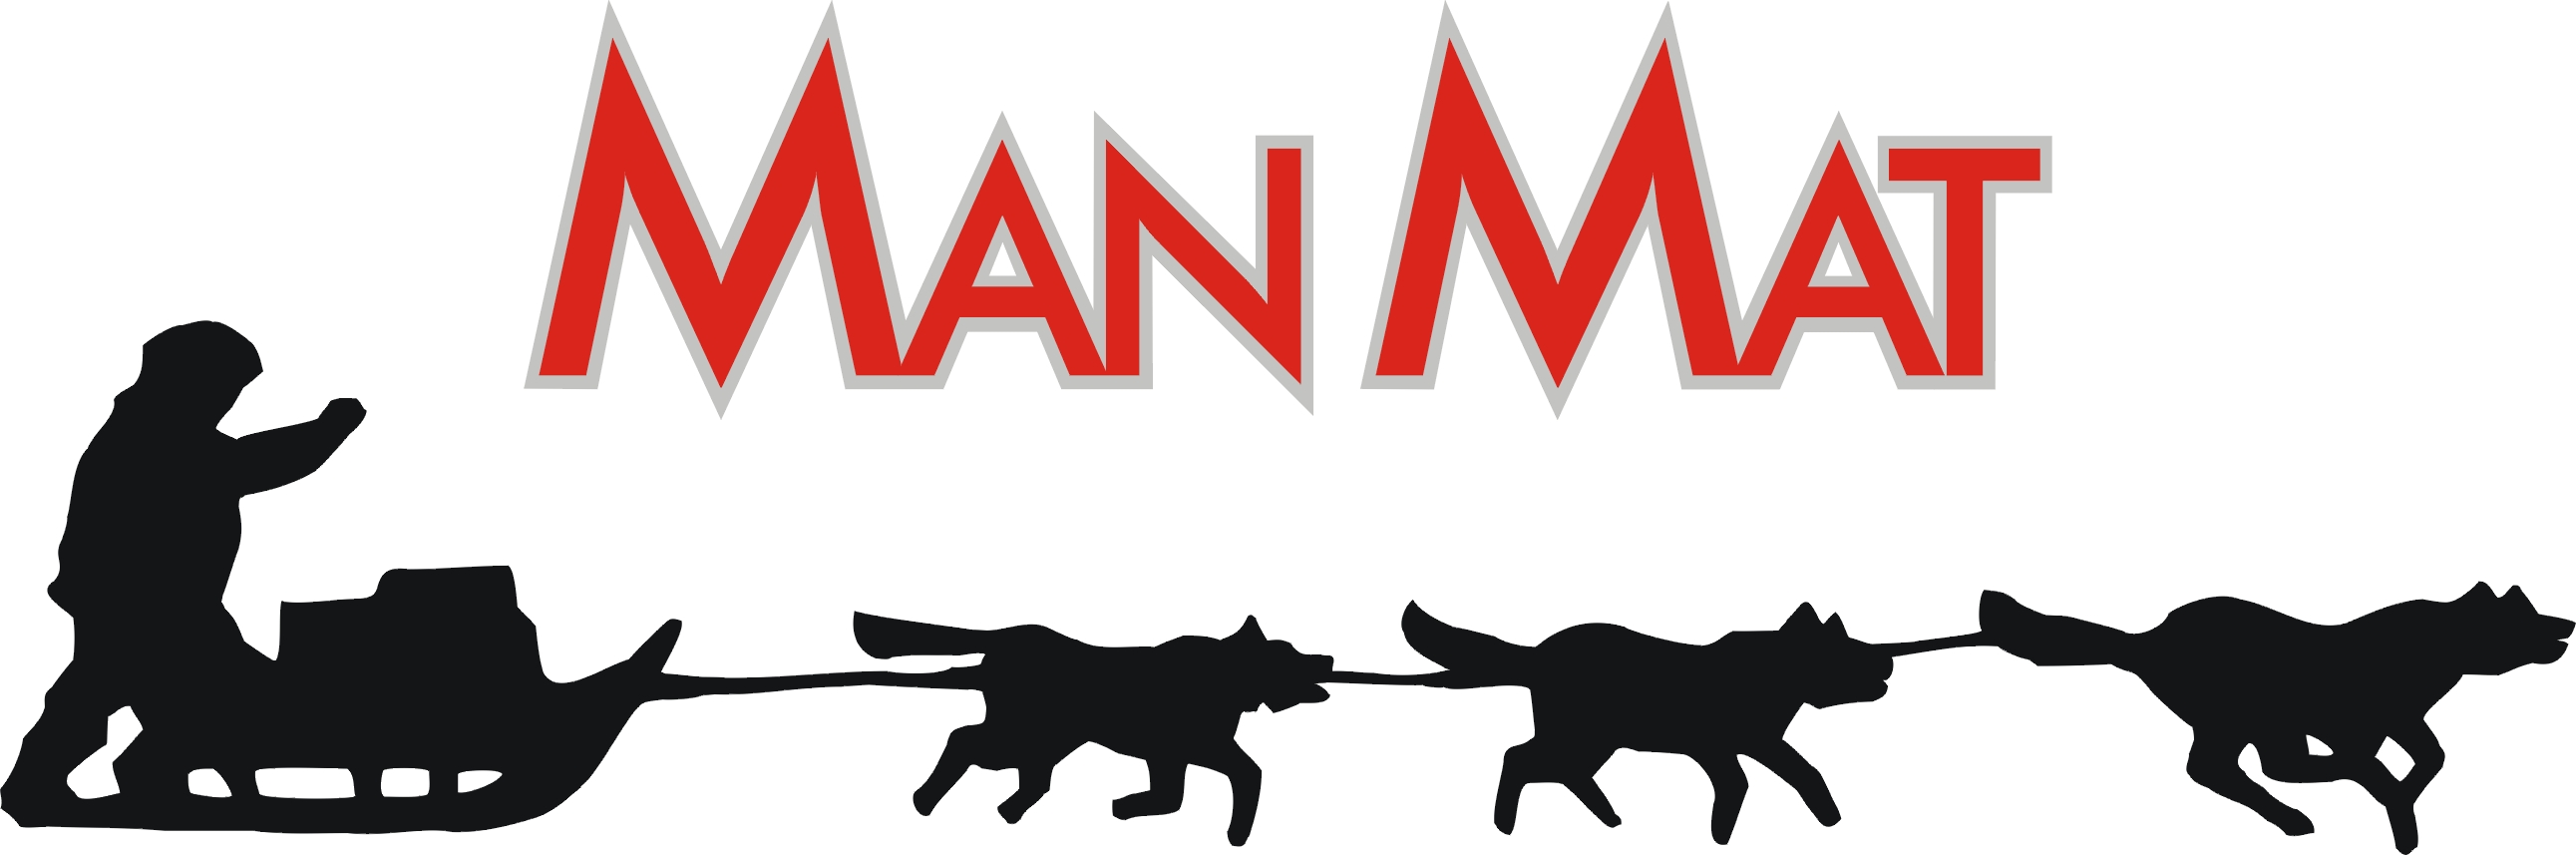 MANMAT - Výstroj a vybavení pro psy